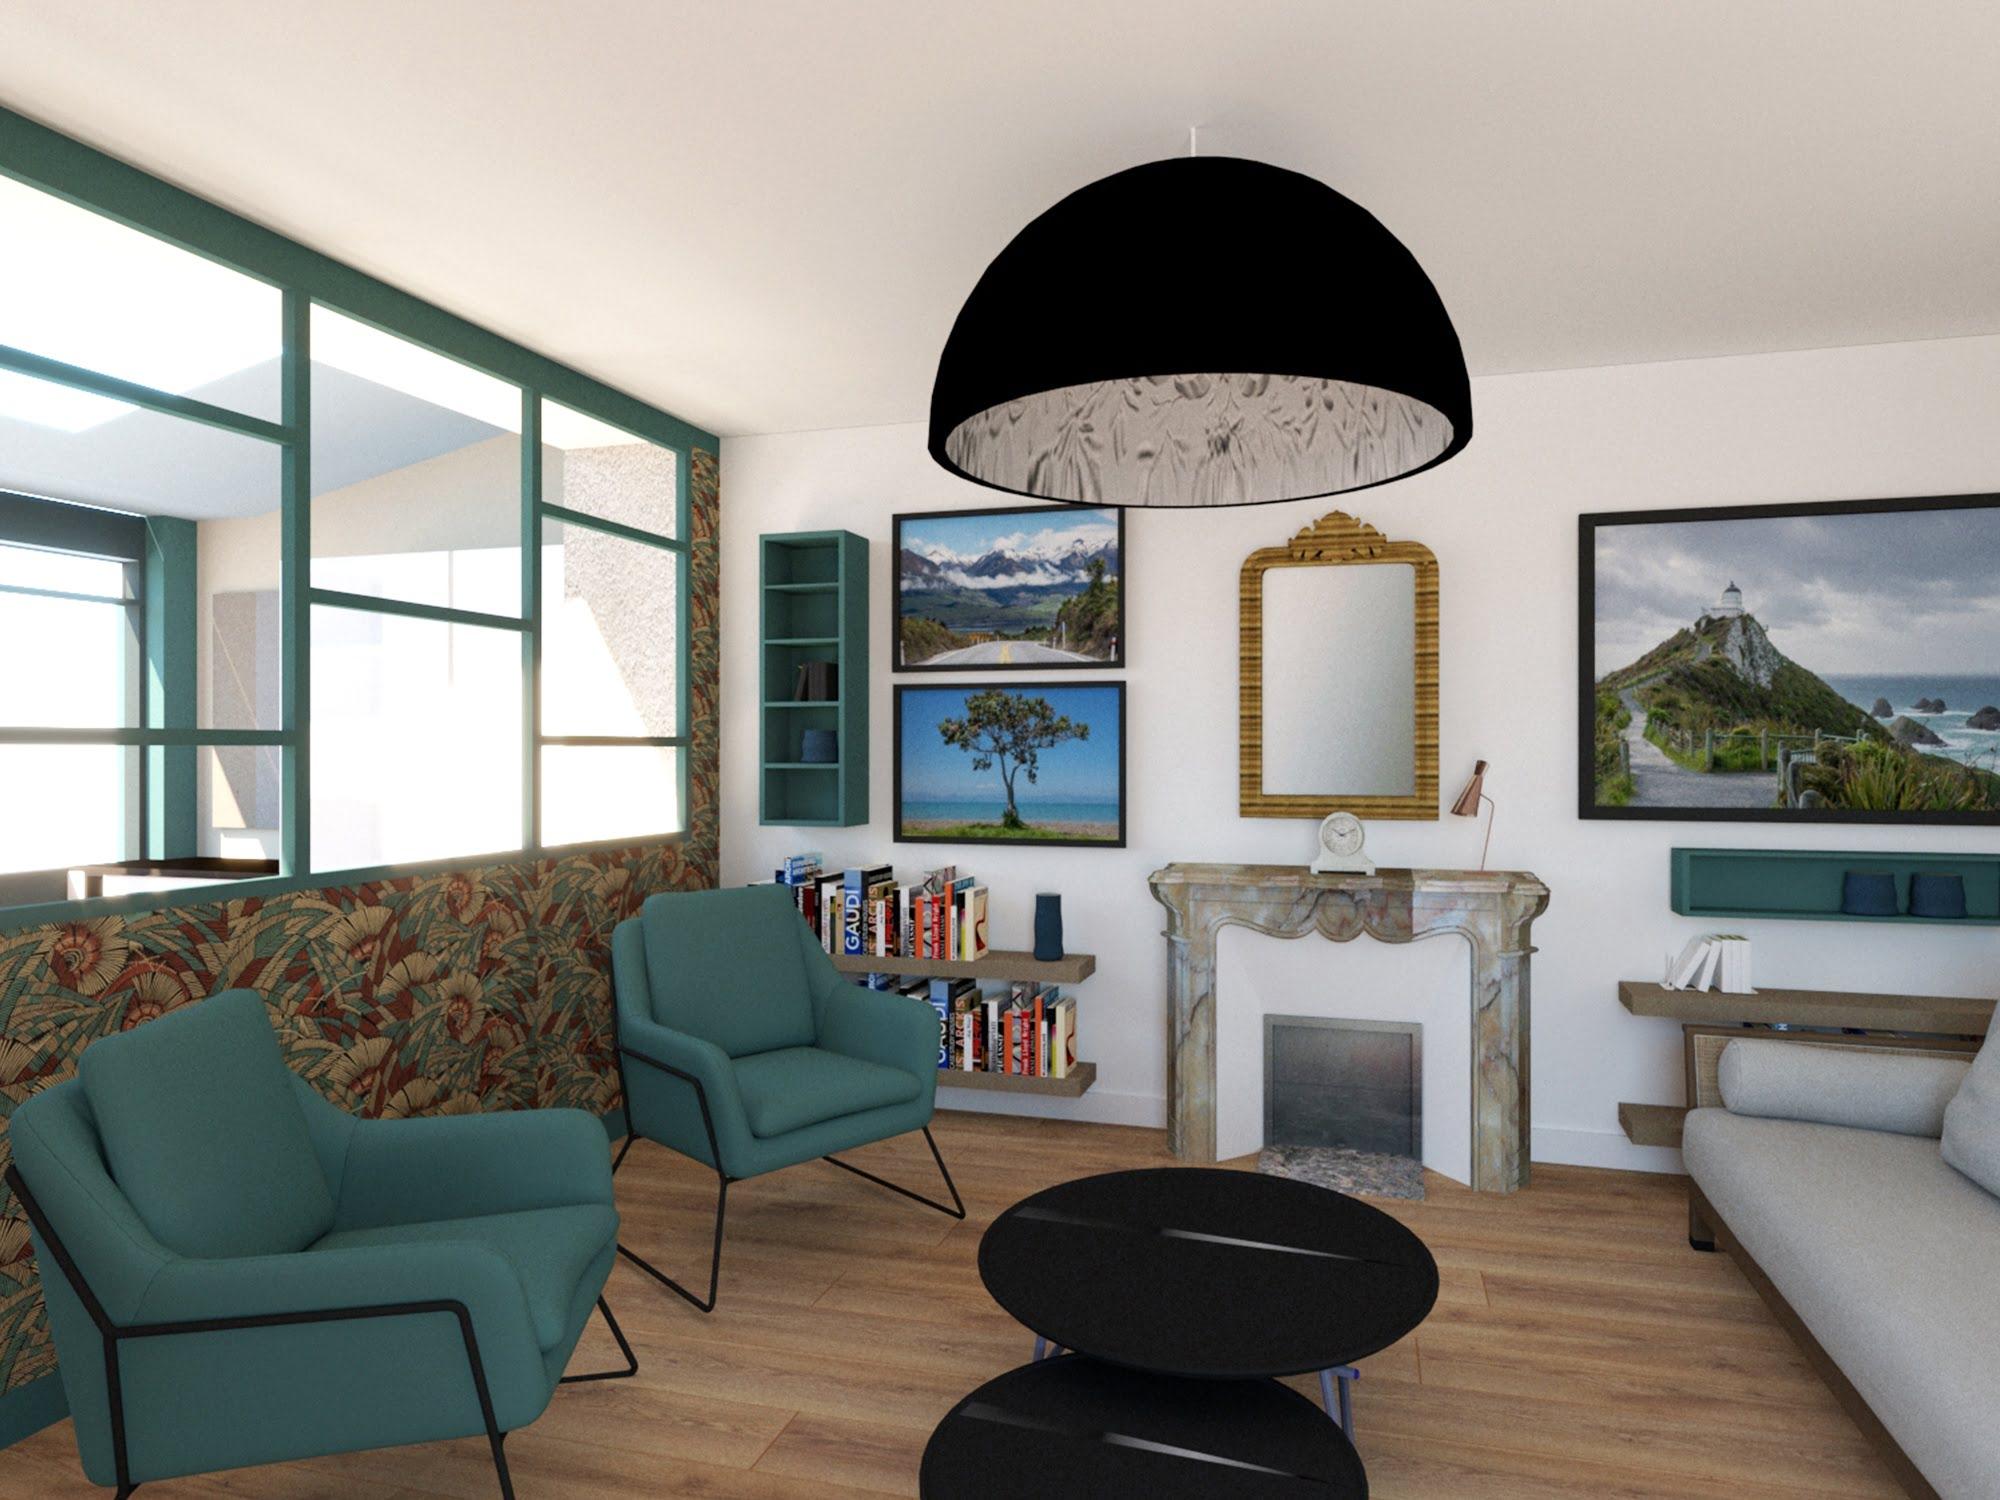 intérieur salon showroom 3D ls studio architecte intérieur vannes